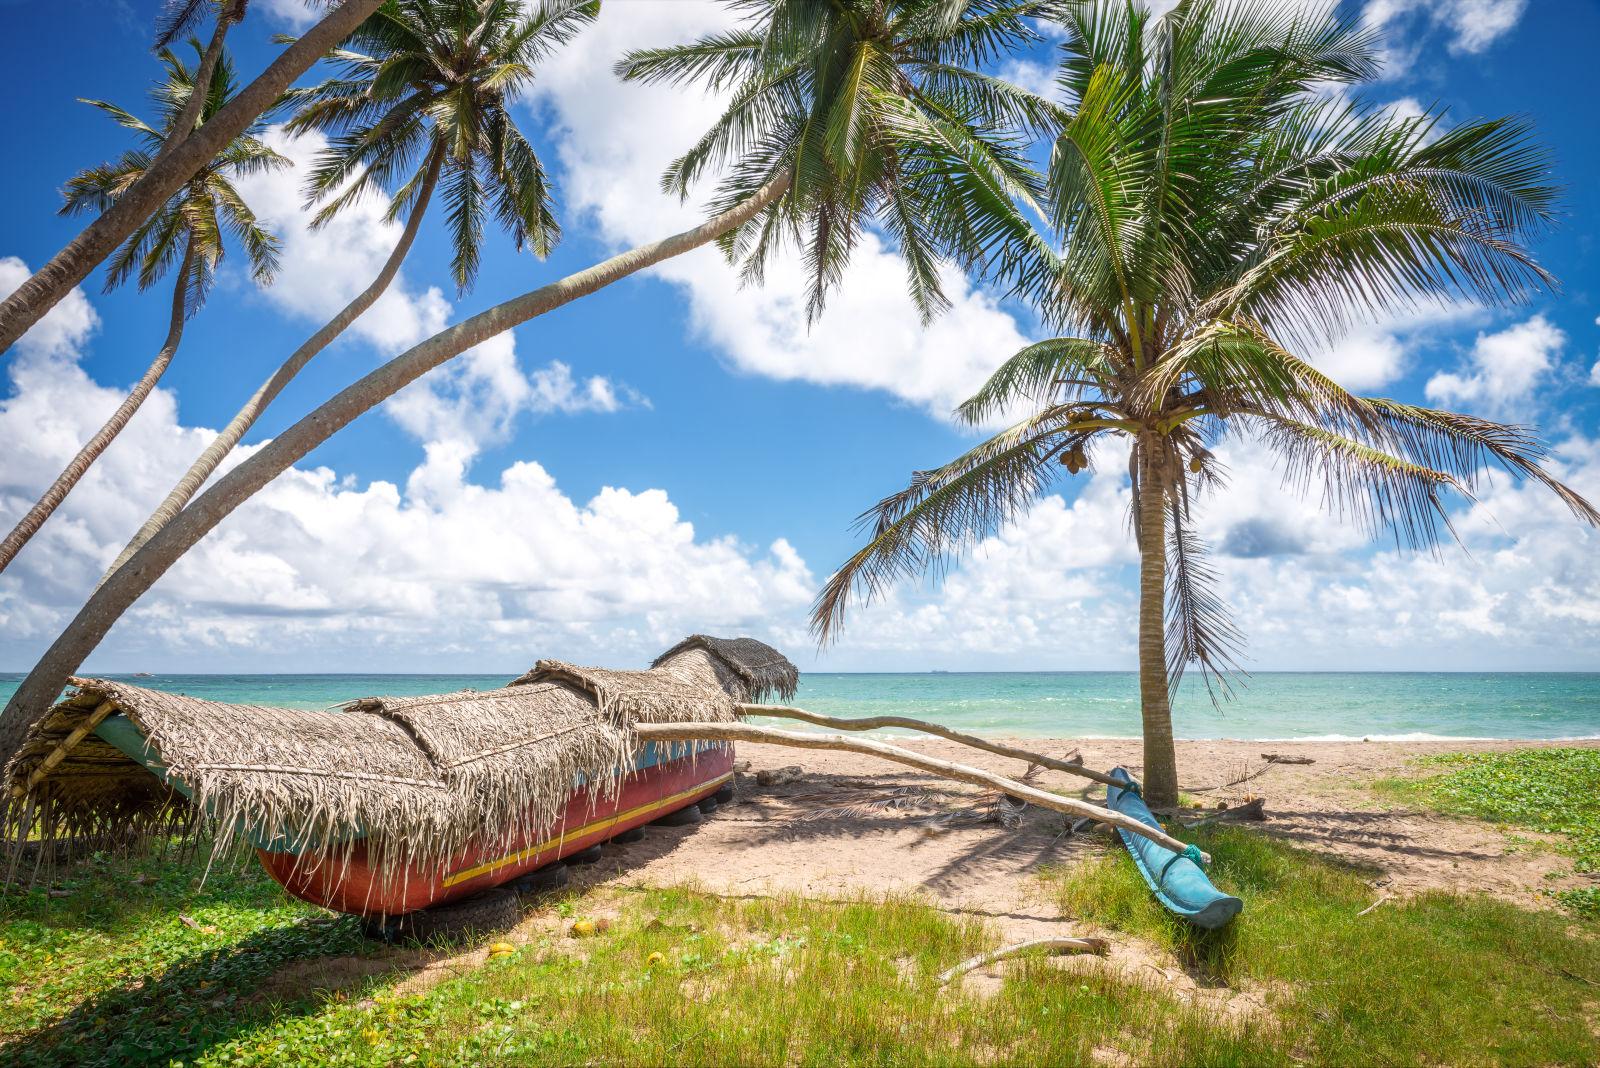 Boote an einem wilden Strand in Sri Lanka